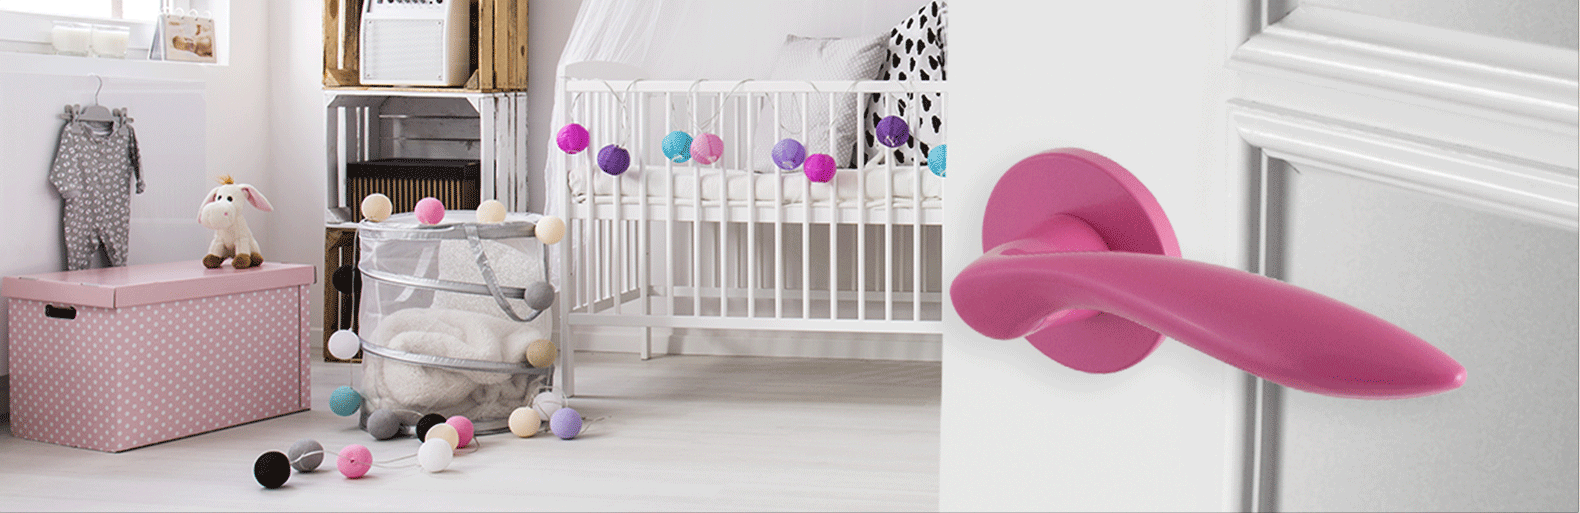 Kinderkamer met roze deurbeslag